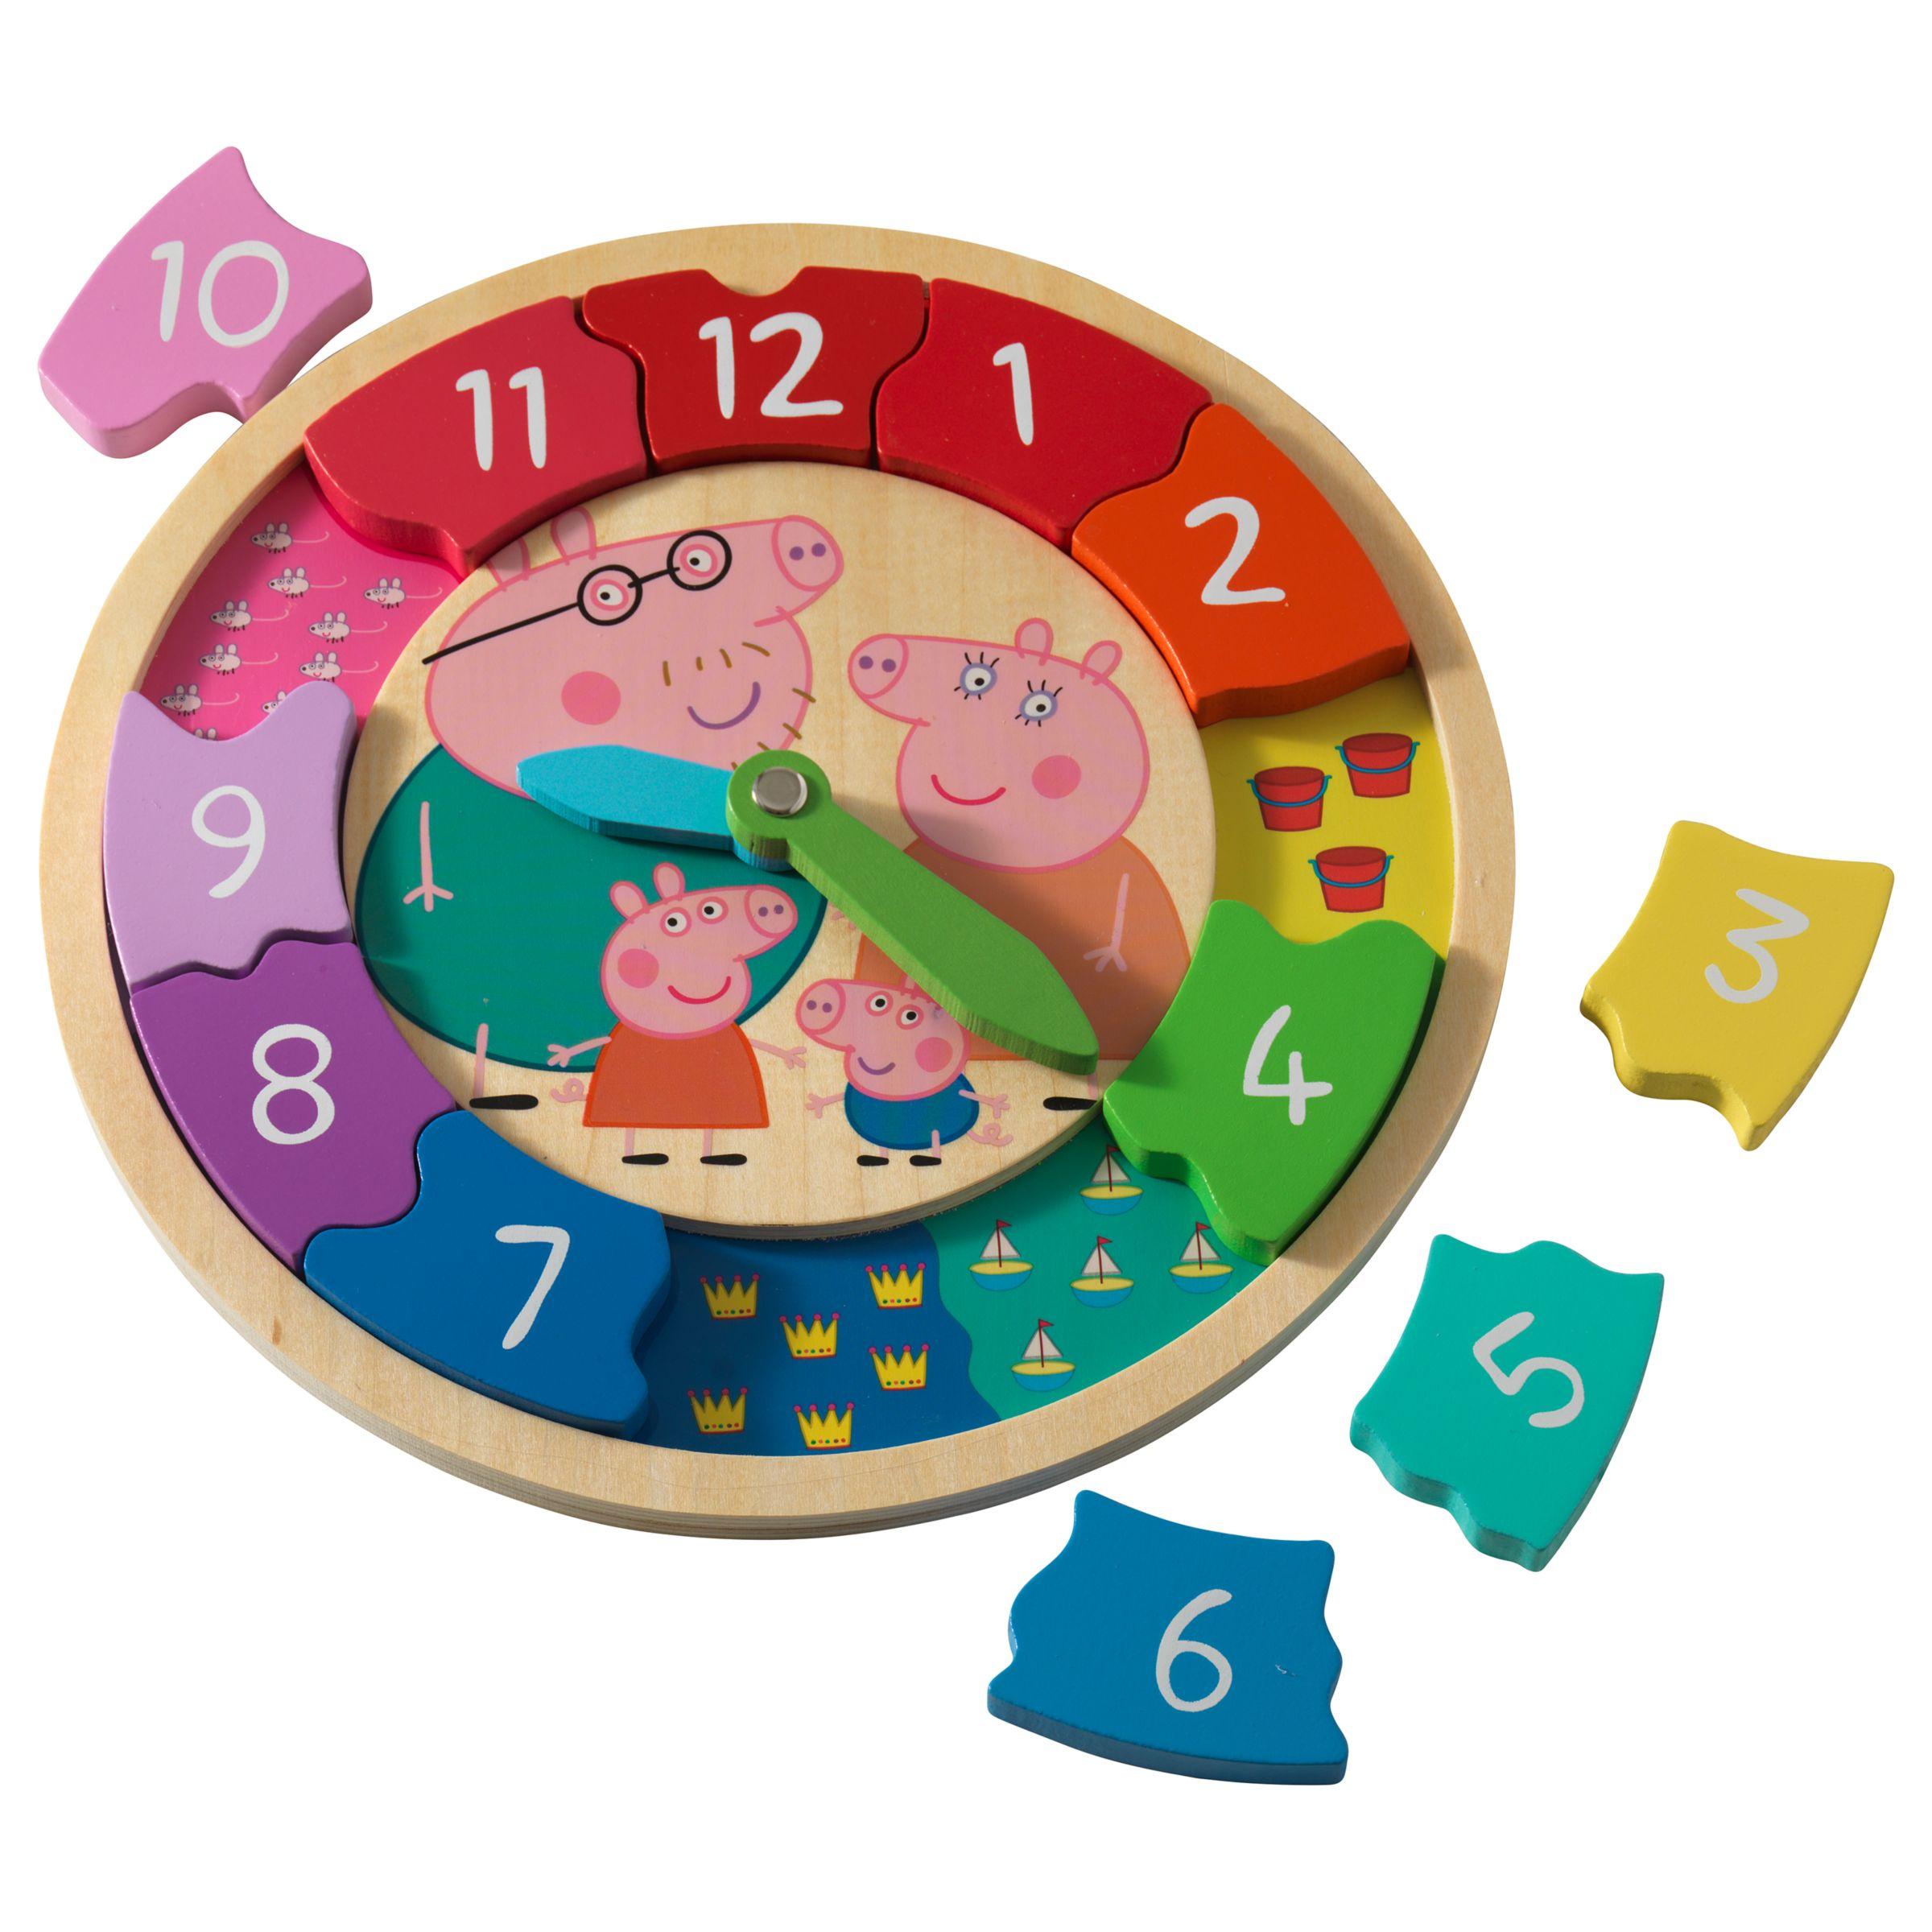 Peppa Pig Peppa Pig Wooden Clock